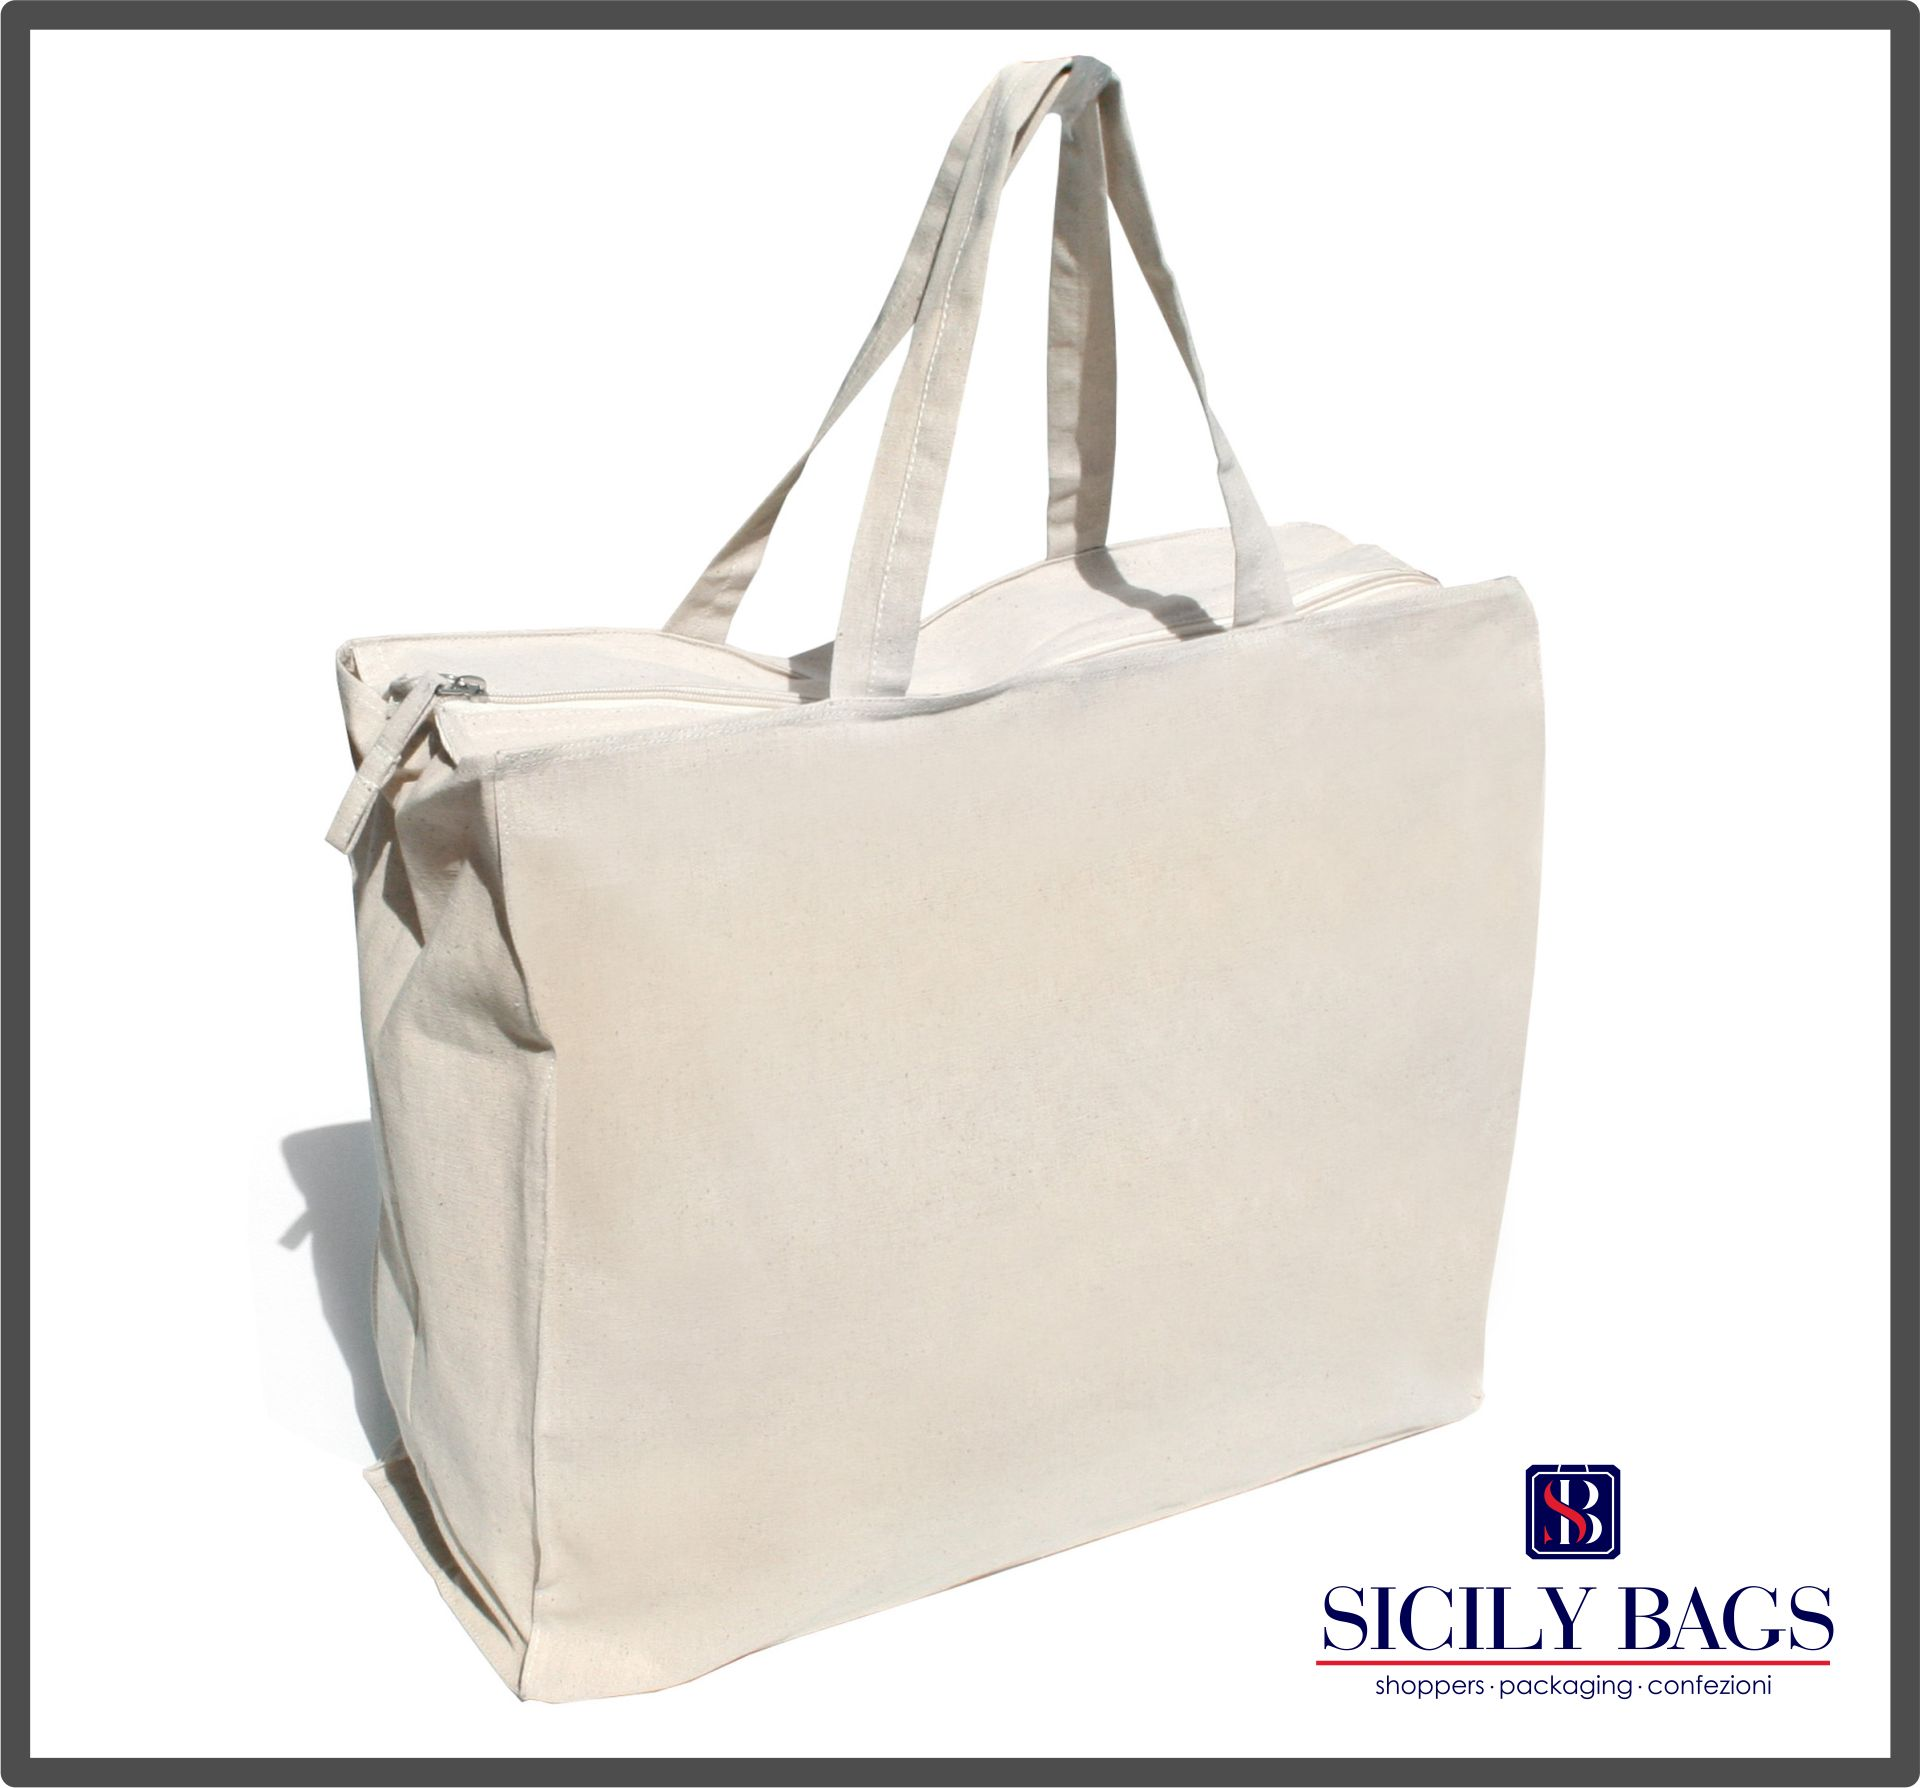 b573139158 ... shopper tessuto stampate, buste cotone per shopping, borse in tnt